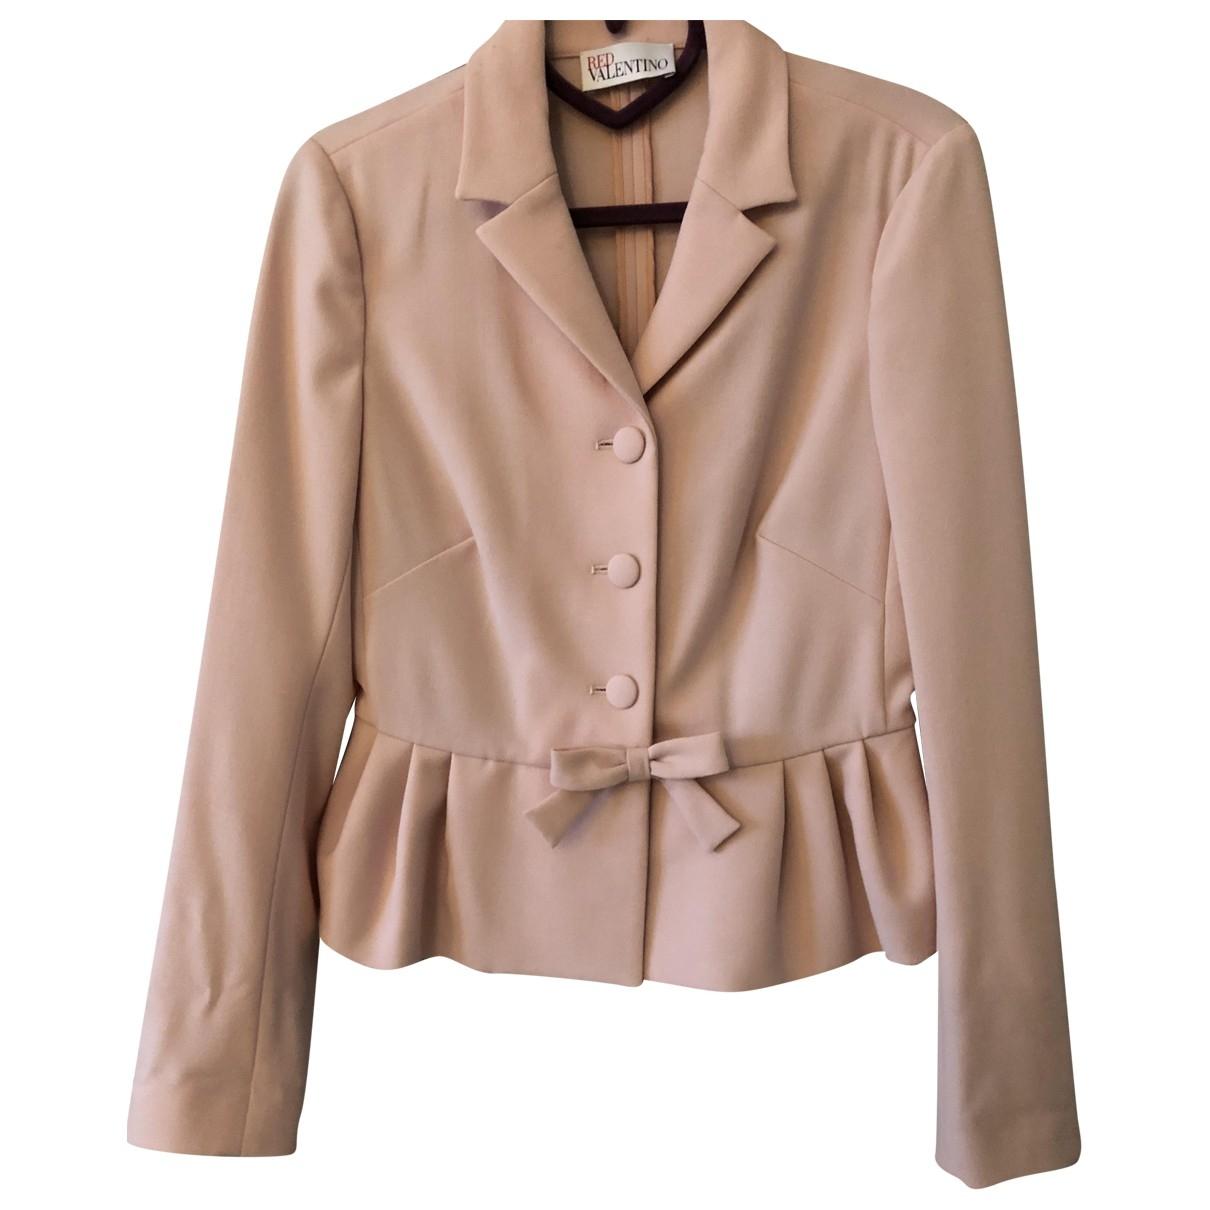 Red Valentino Garavani \N Pink jacket for Women 40 IT